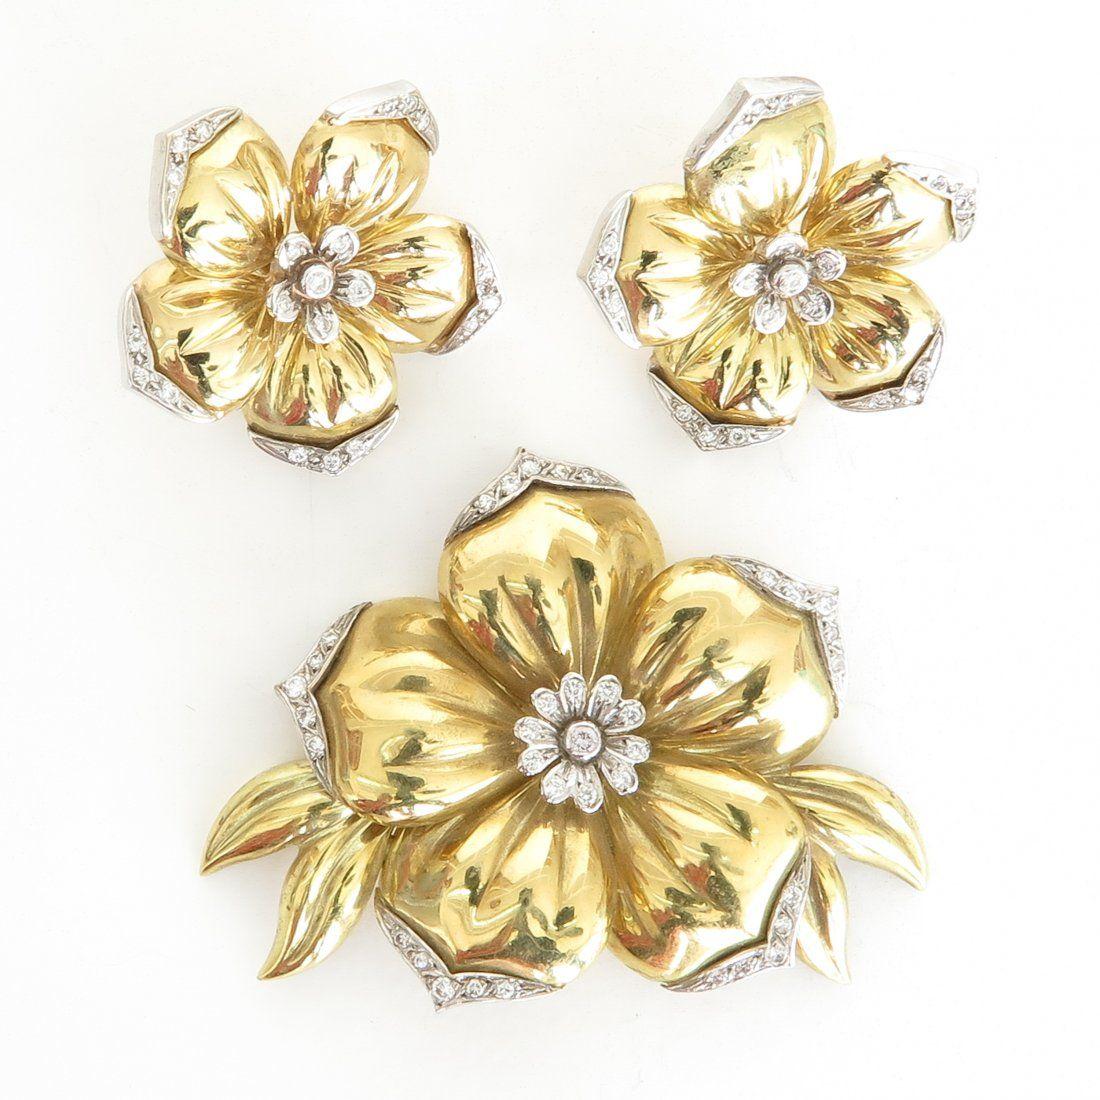 A Beautiful Set of 18KG Diamond Brooch & Earrings